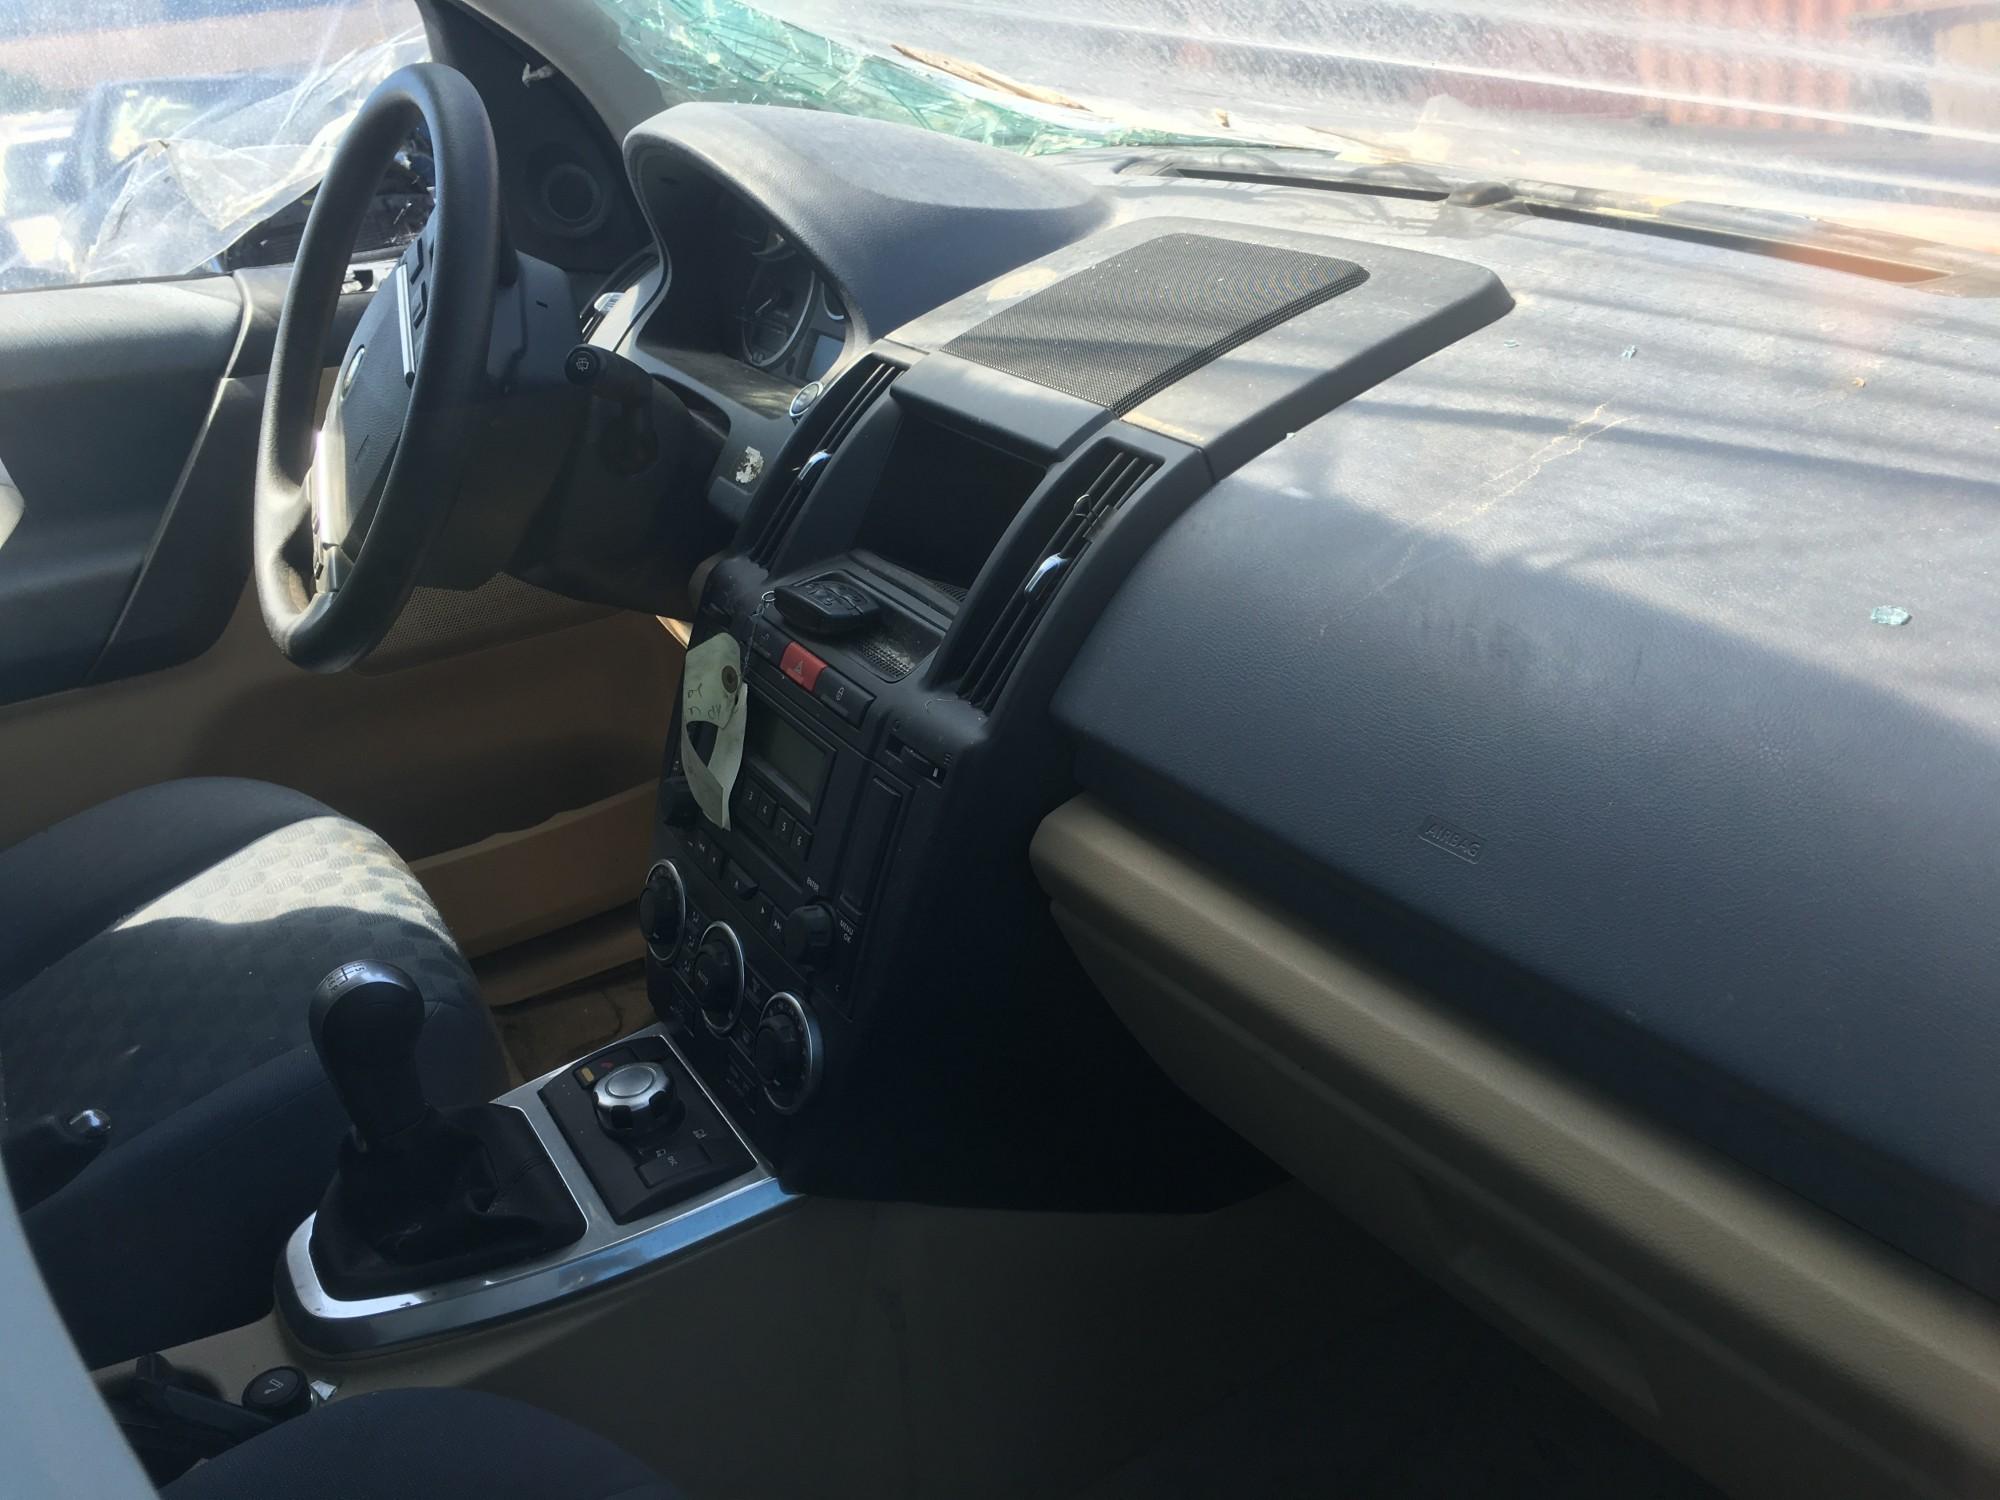 pi ces d tach es pour land rover freelander td4 160 ch de 2007 4x4 occasion pro fun 4x4. Black Bedroom Furniture Sets. Home Design Ideas